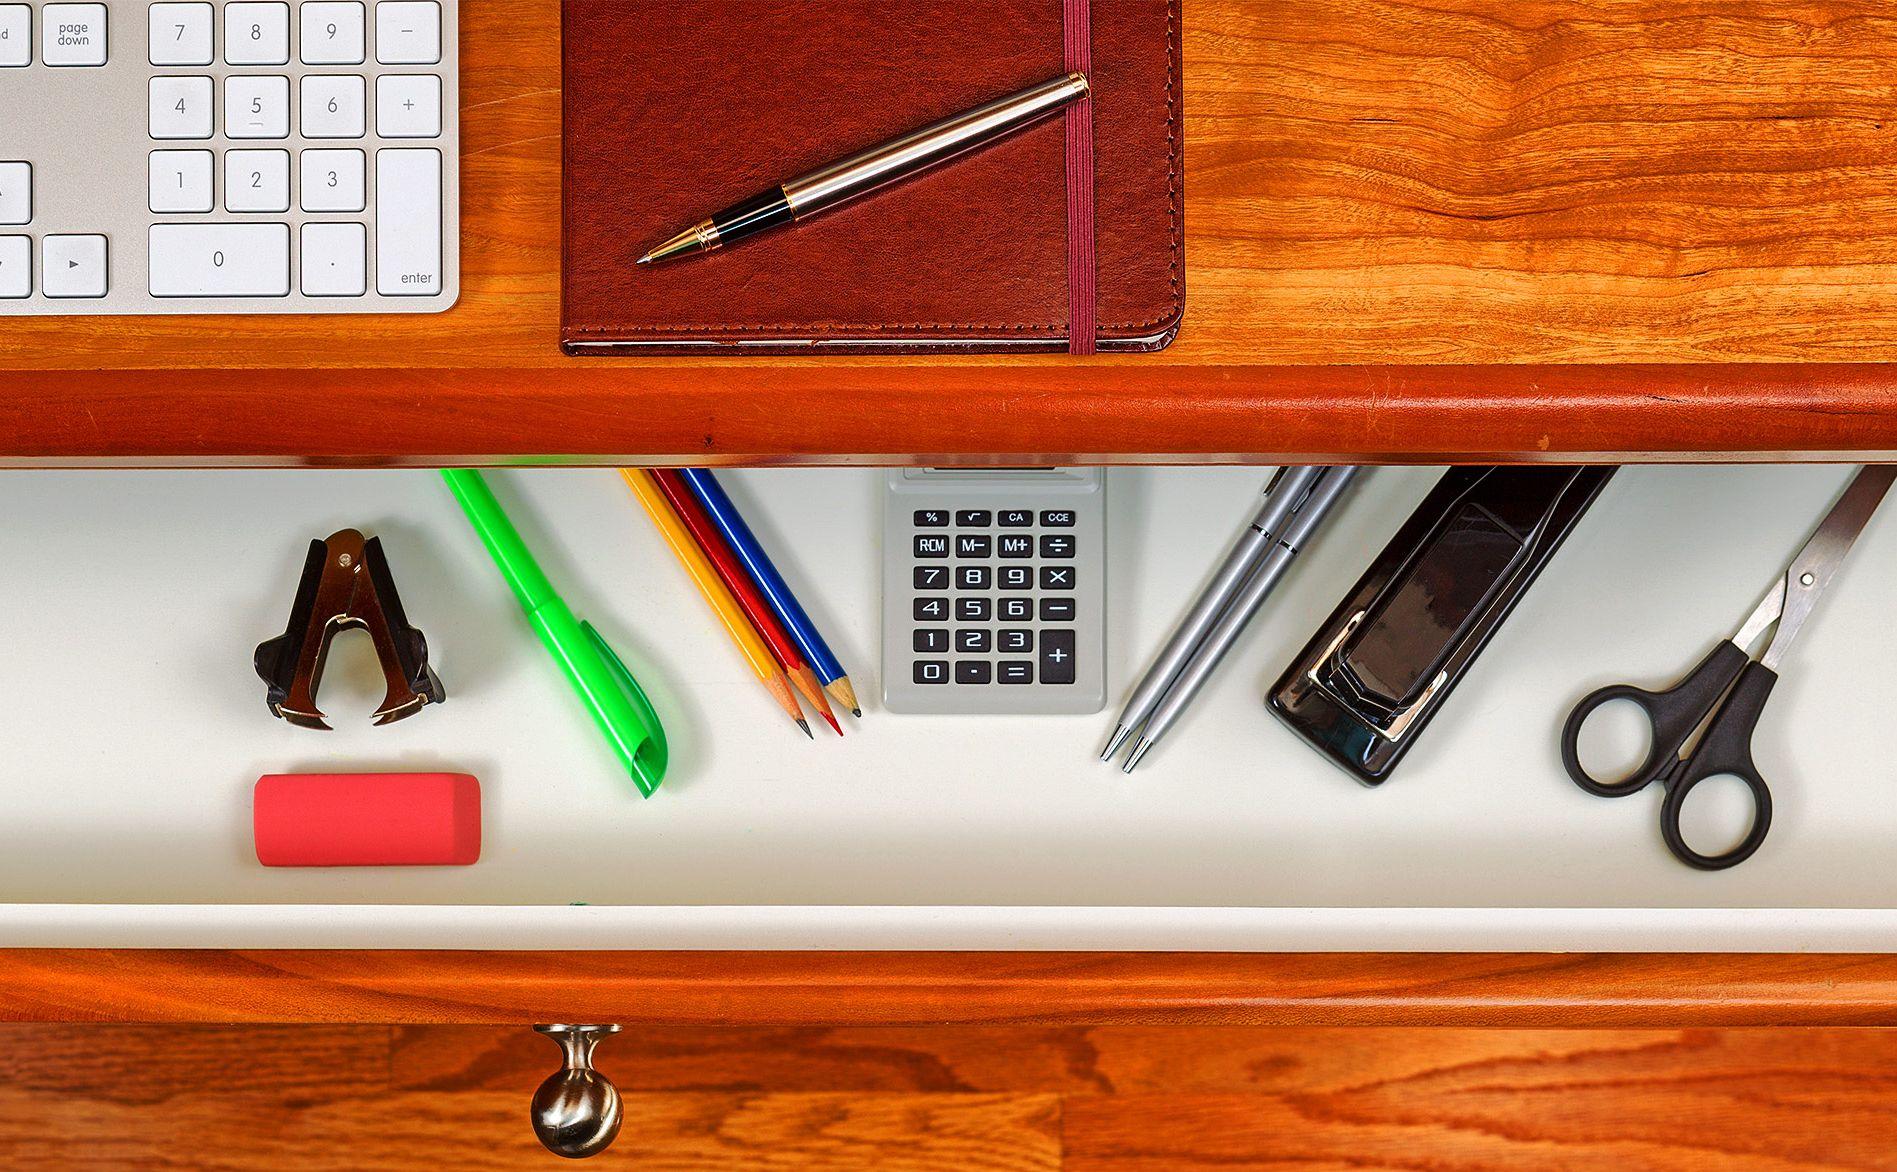 6-przybory-szkolne-mam-najbardziej funkcjonalne